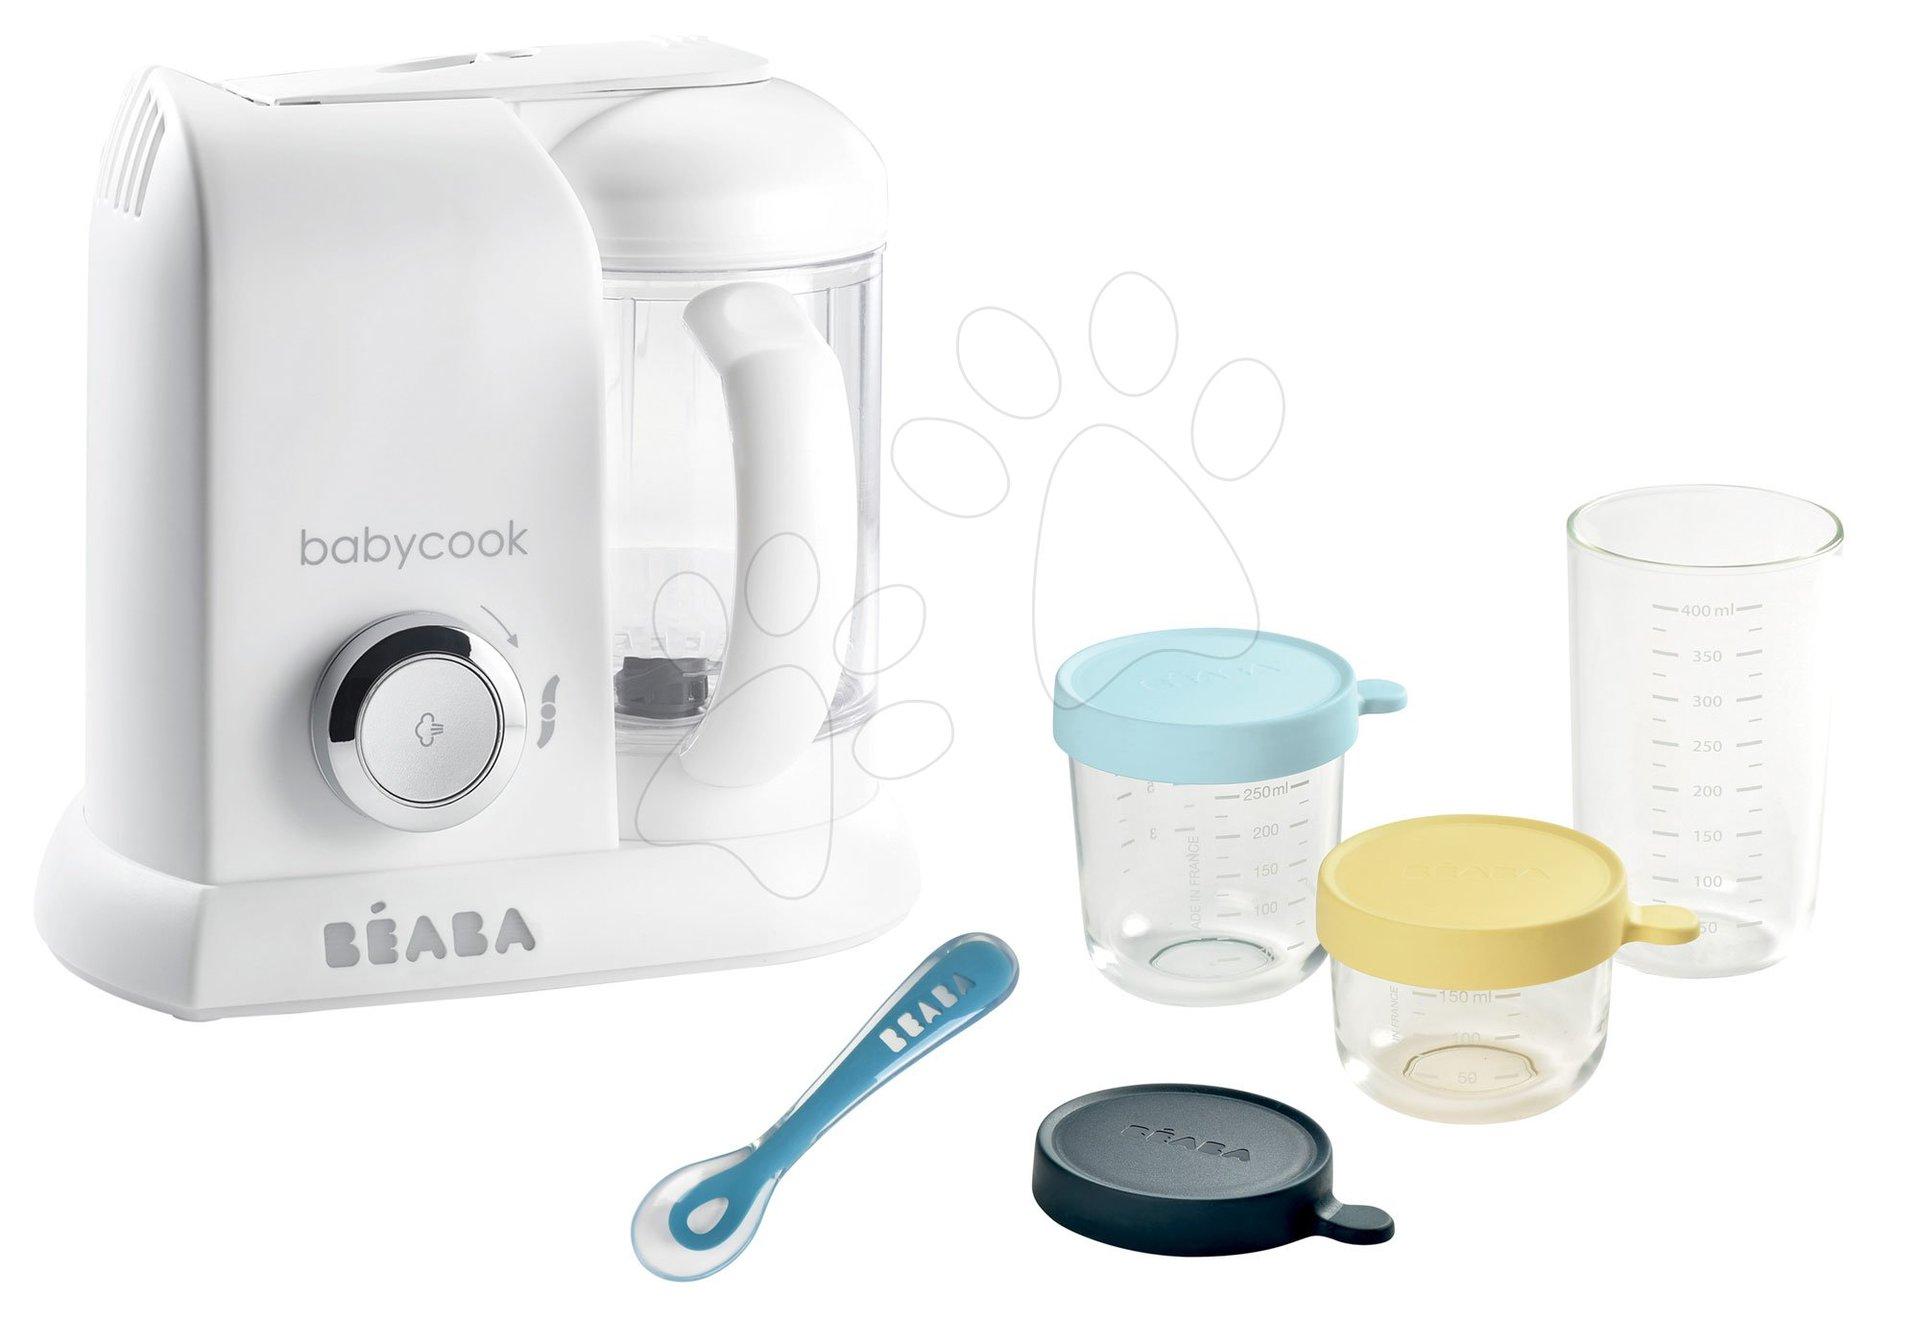 Set parný varič a mixér Beaba Babycook® Solo white silver + darček 3 dózy na jedlo z kvalitného skla a silikónová lyžička 150/250/400ml od 0 mesiacov